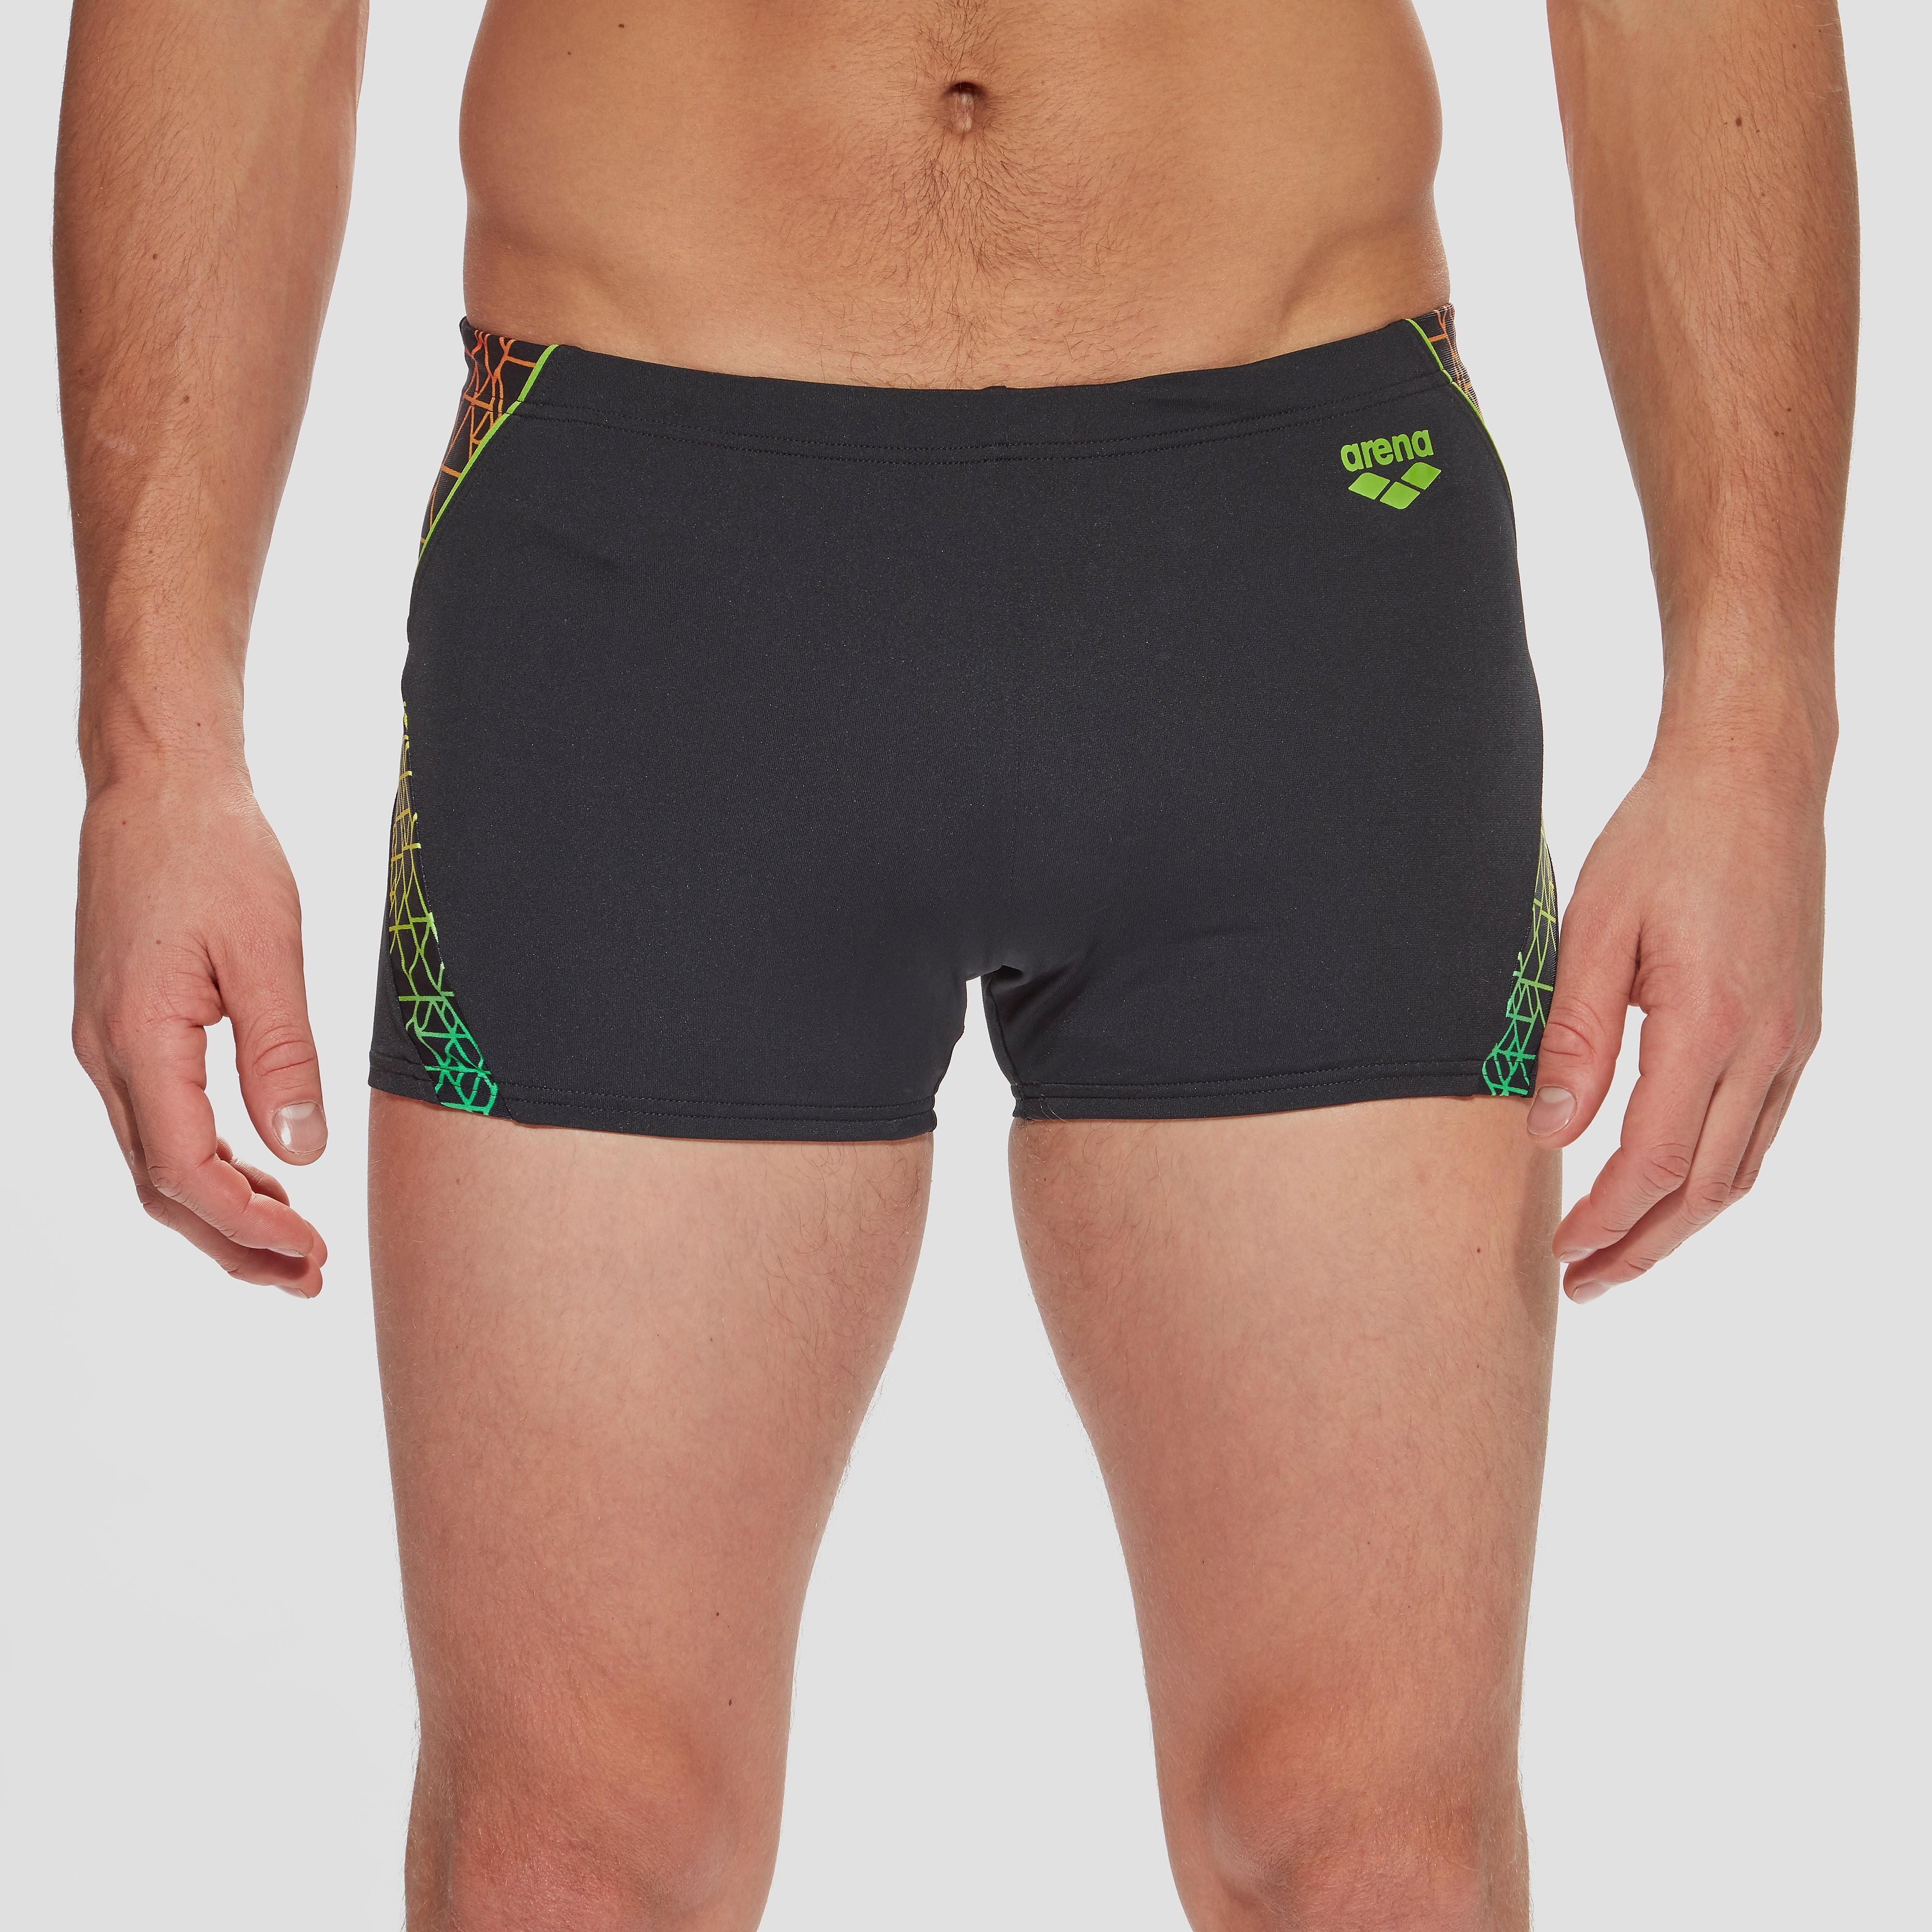 Arena Reticulum Men's Shorts